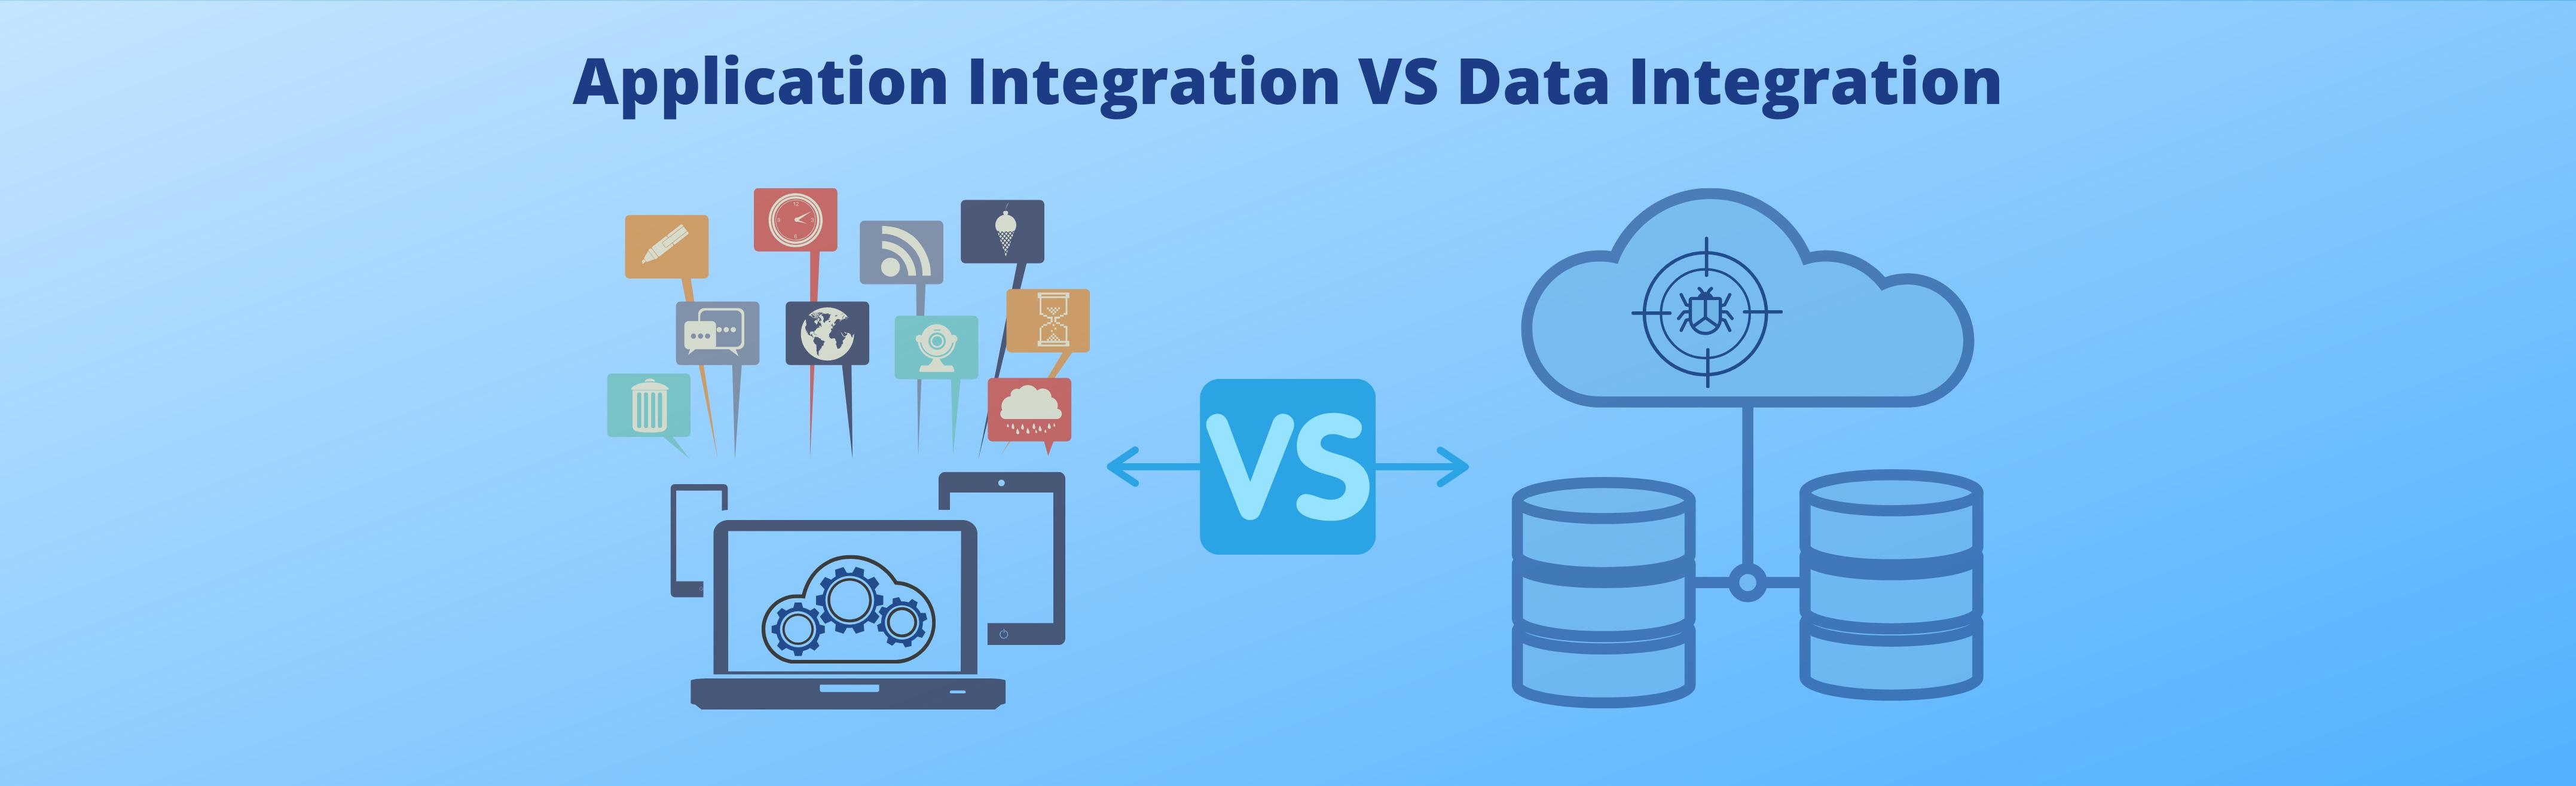 Application integration vs Data integration